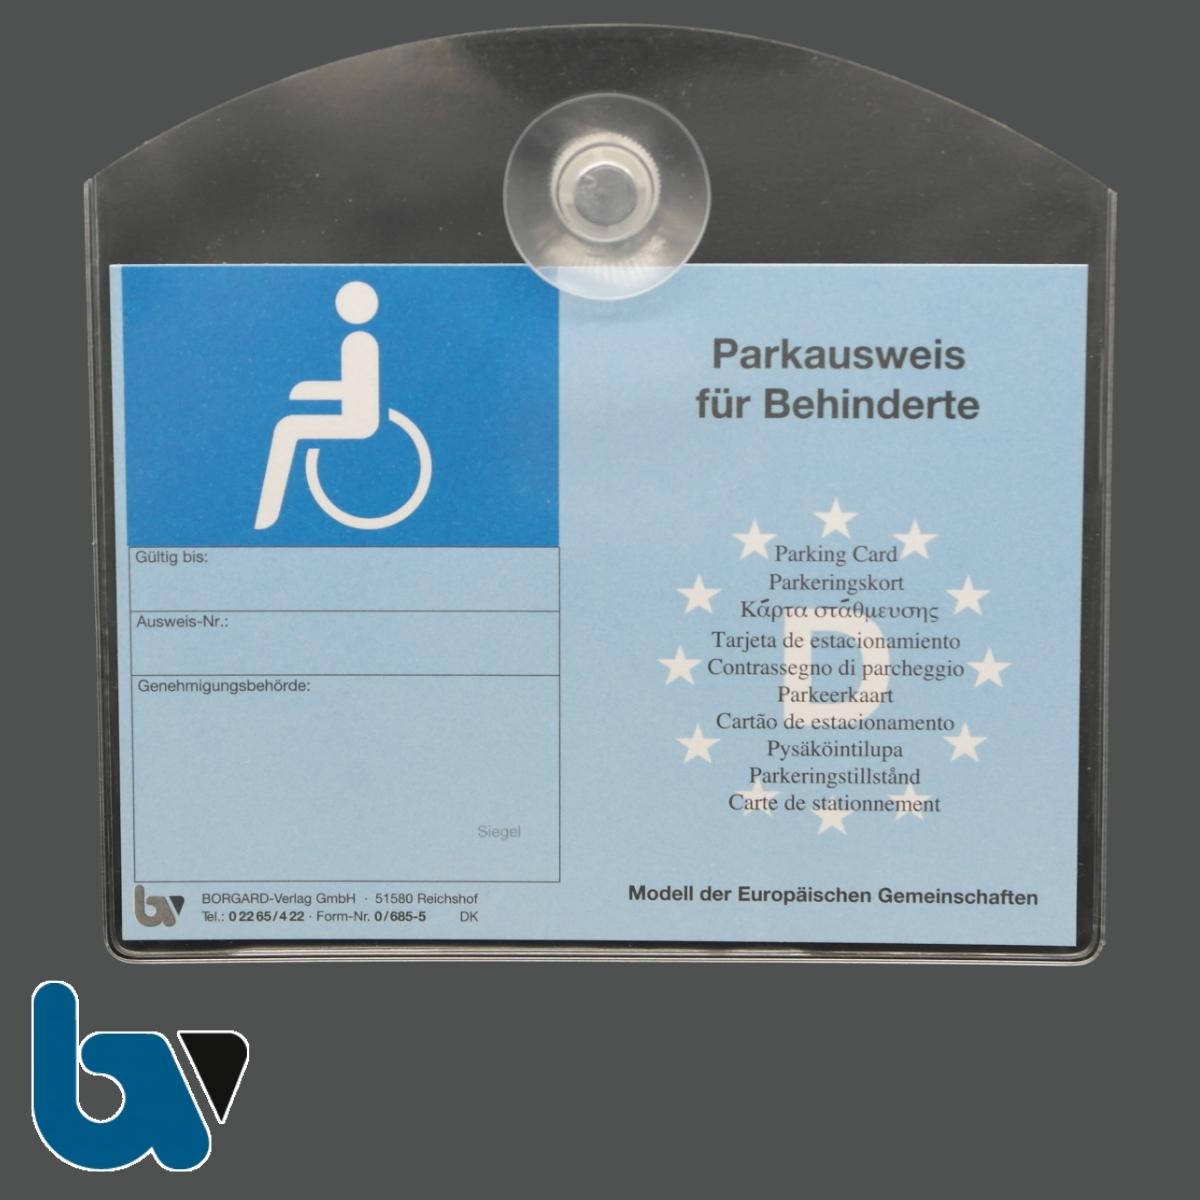 0/685-8.3 und 0/685-5 Ausweishülle mit Saugnapf für Parkausweis EU europäisch blau Modell behinderte Menschen DIN A6 | Borgard Verlag GmbH